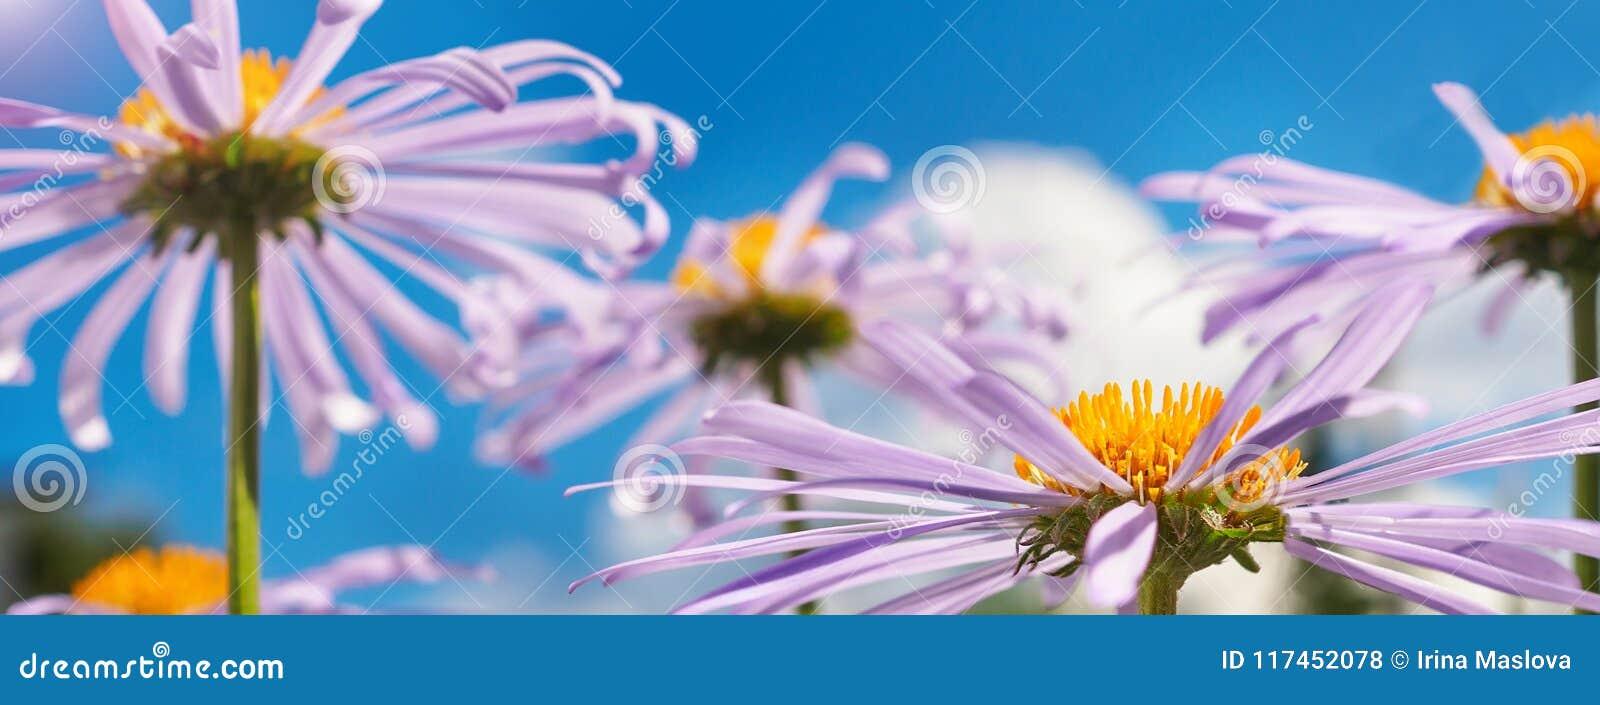 Kamille onder blauwe hemel macro natuurlijke achtergrond